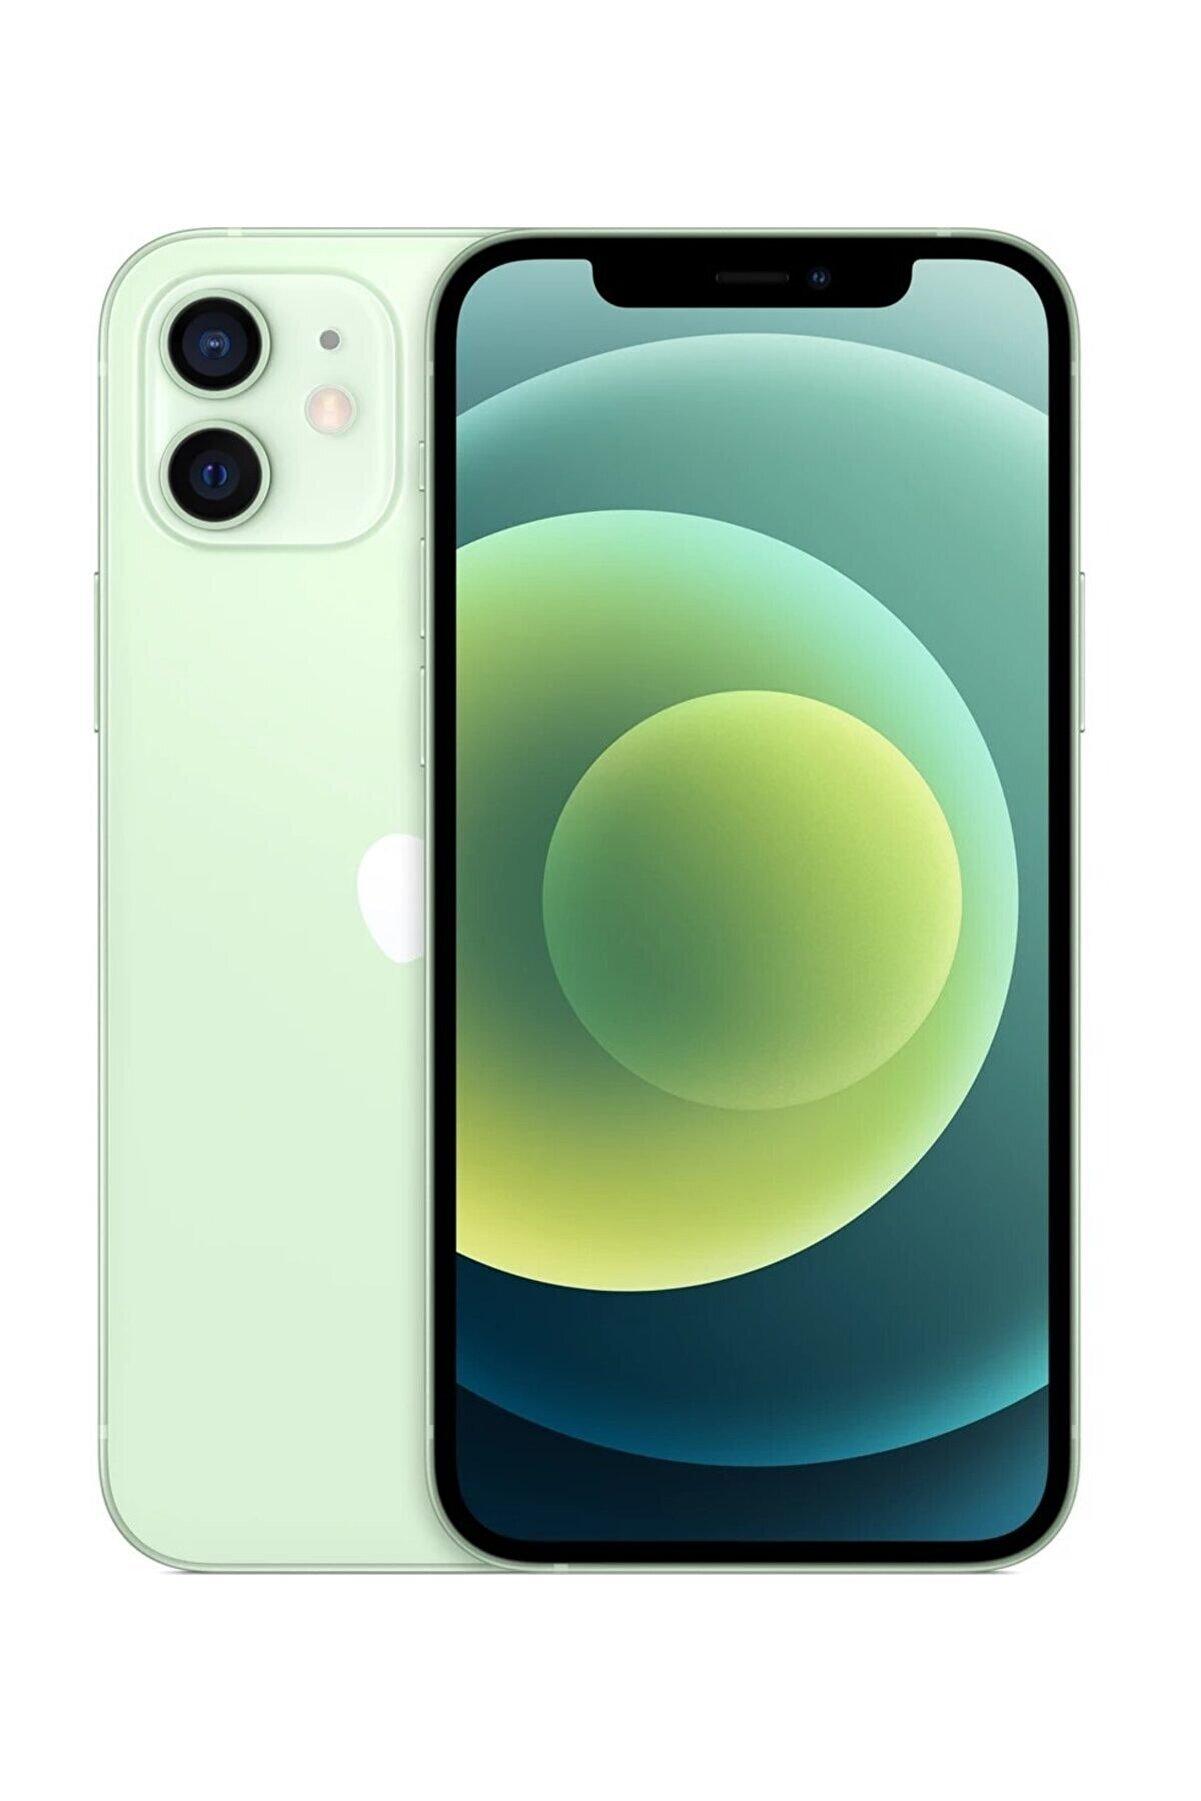 Apple iPhone 12 Mini 64GB Yeşil Cep Telefonu (Apple Türkiye Garantili)